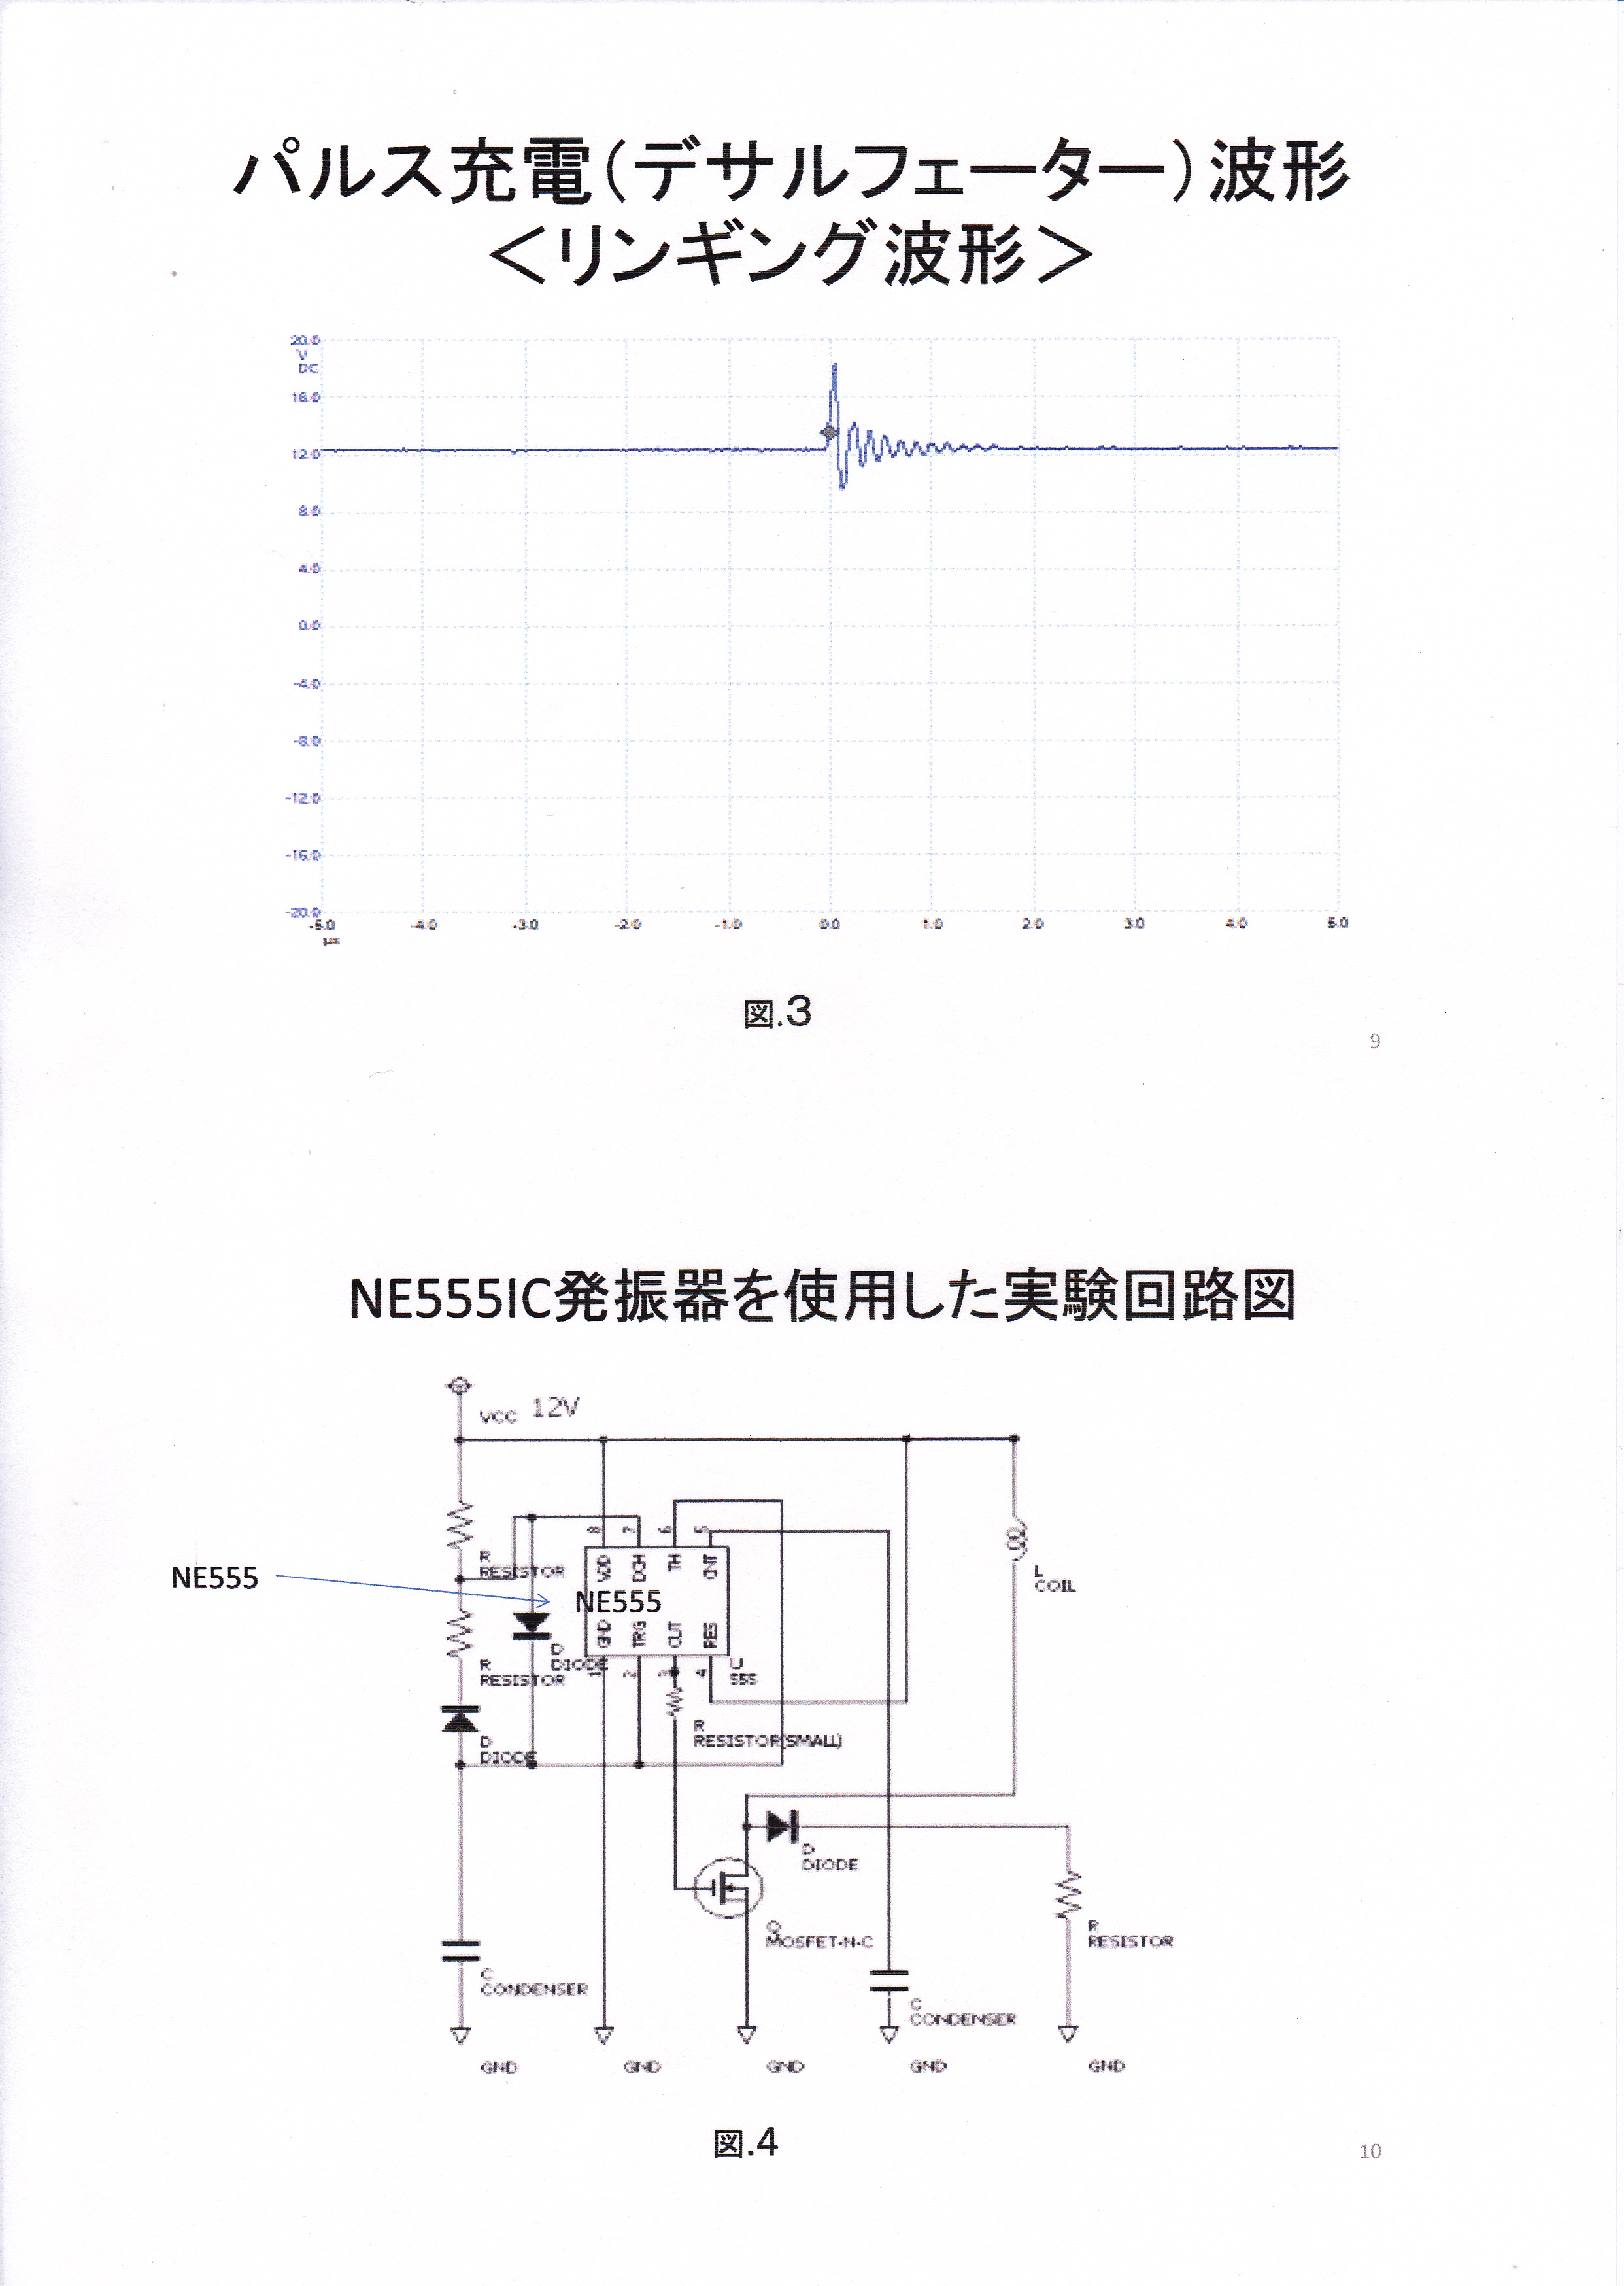 静止型発電機の基礎研究01-5